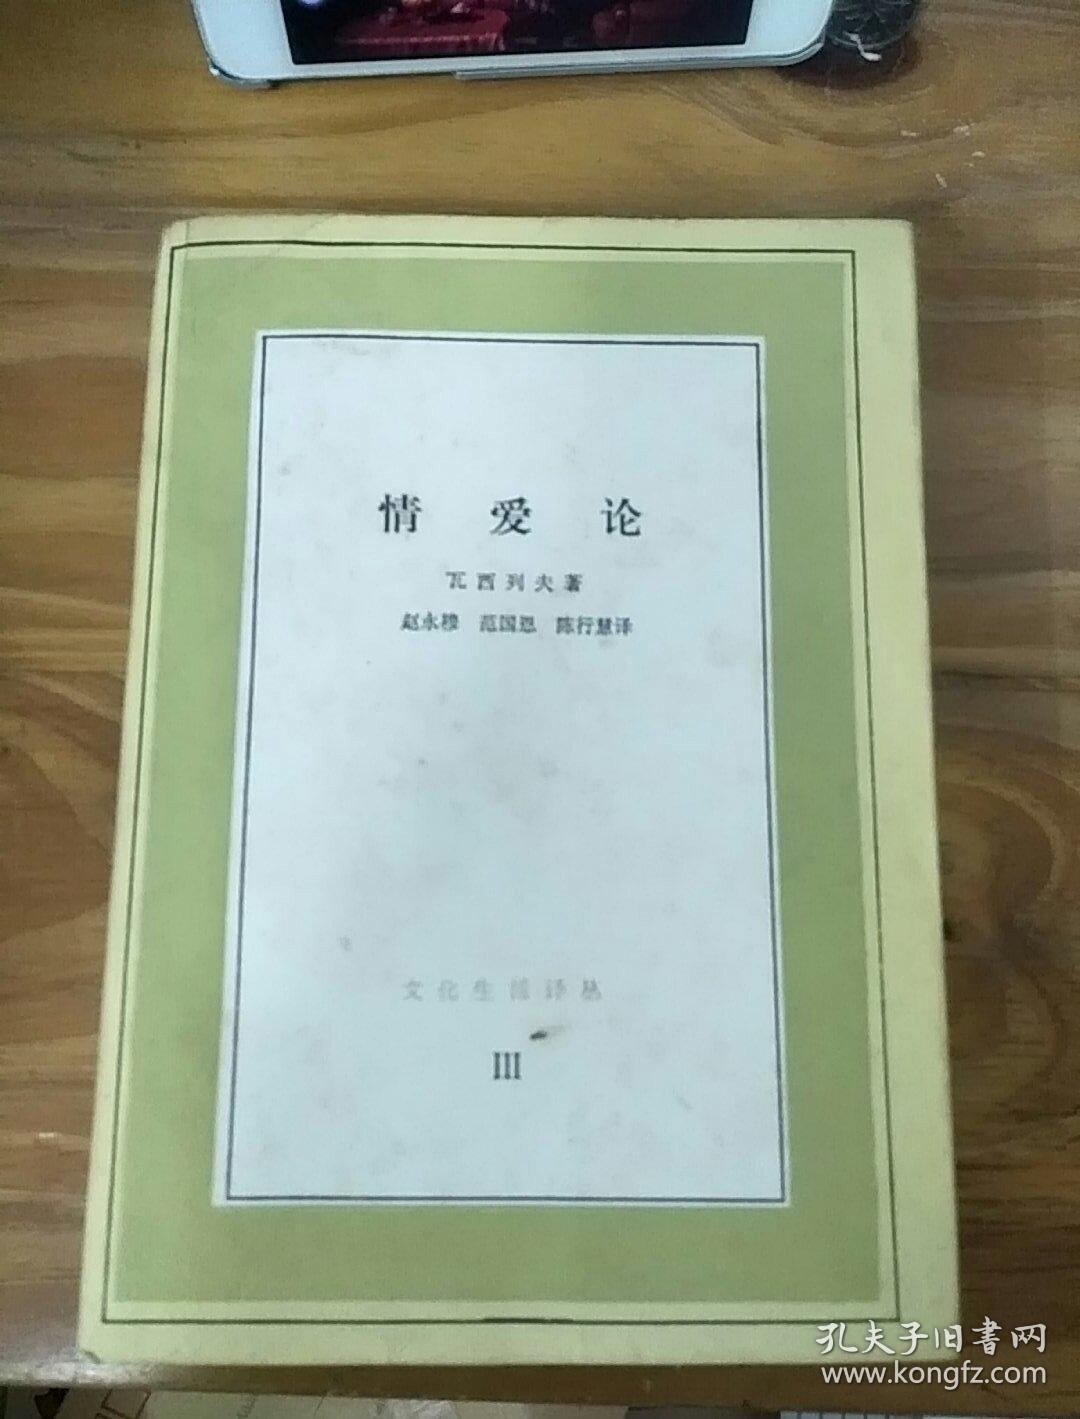 情爱论(文化生活译丛III) 生活.读书.新知三联书店(86年版 品好)